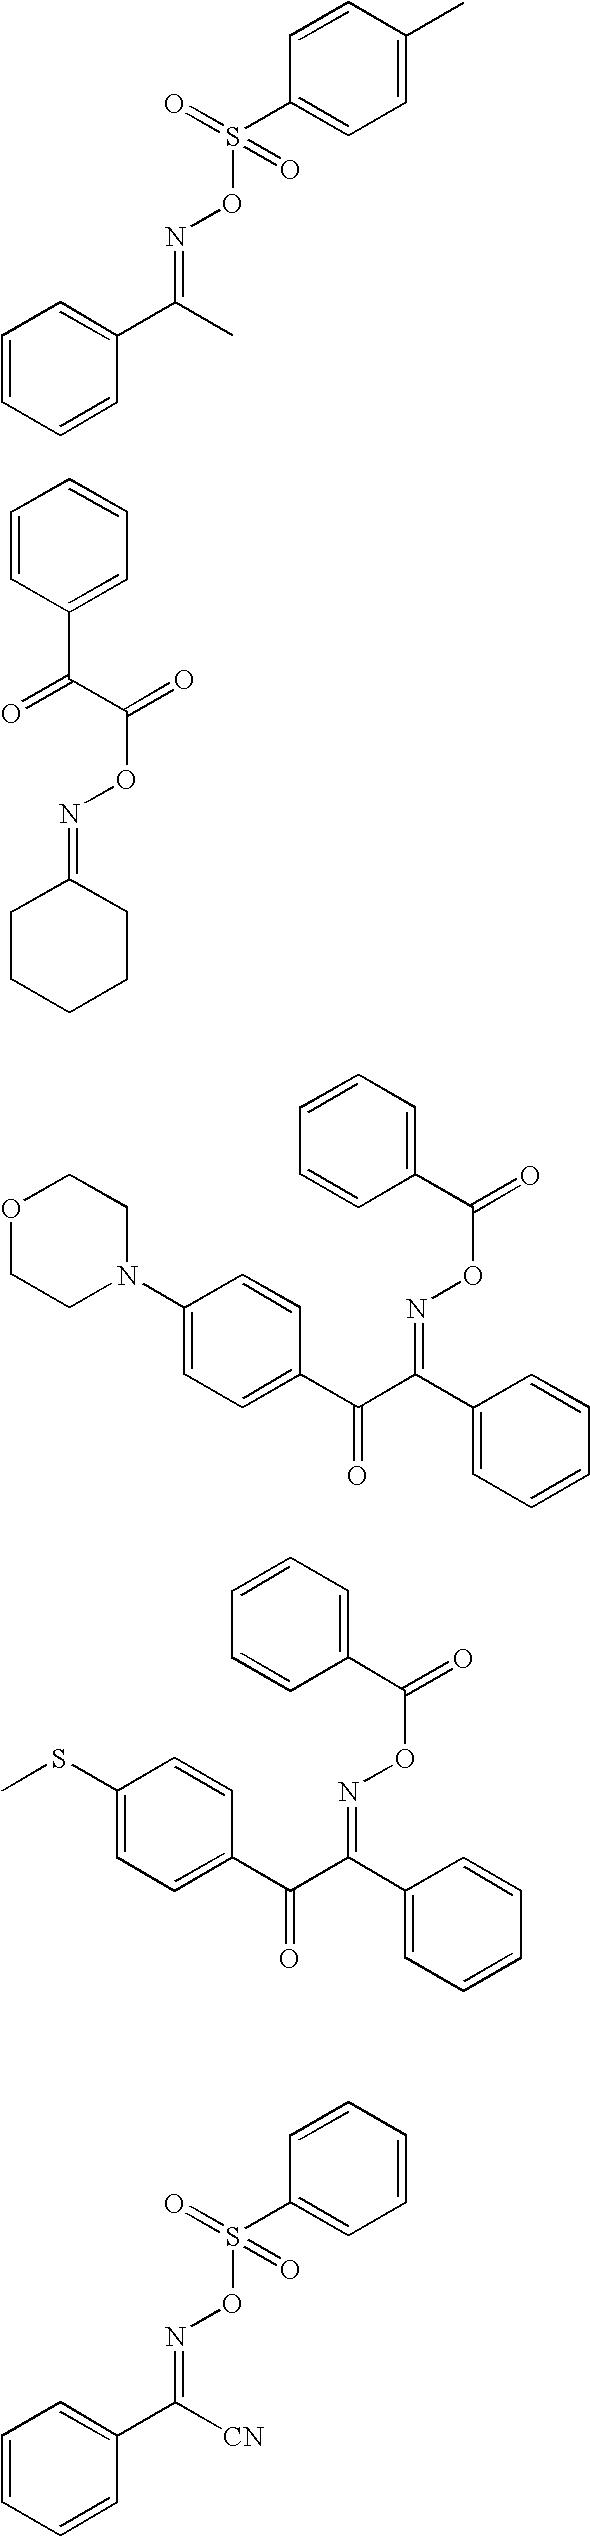 Figure US07910286-20110322-C00012